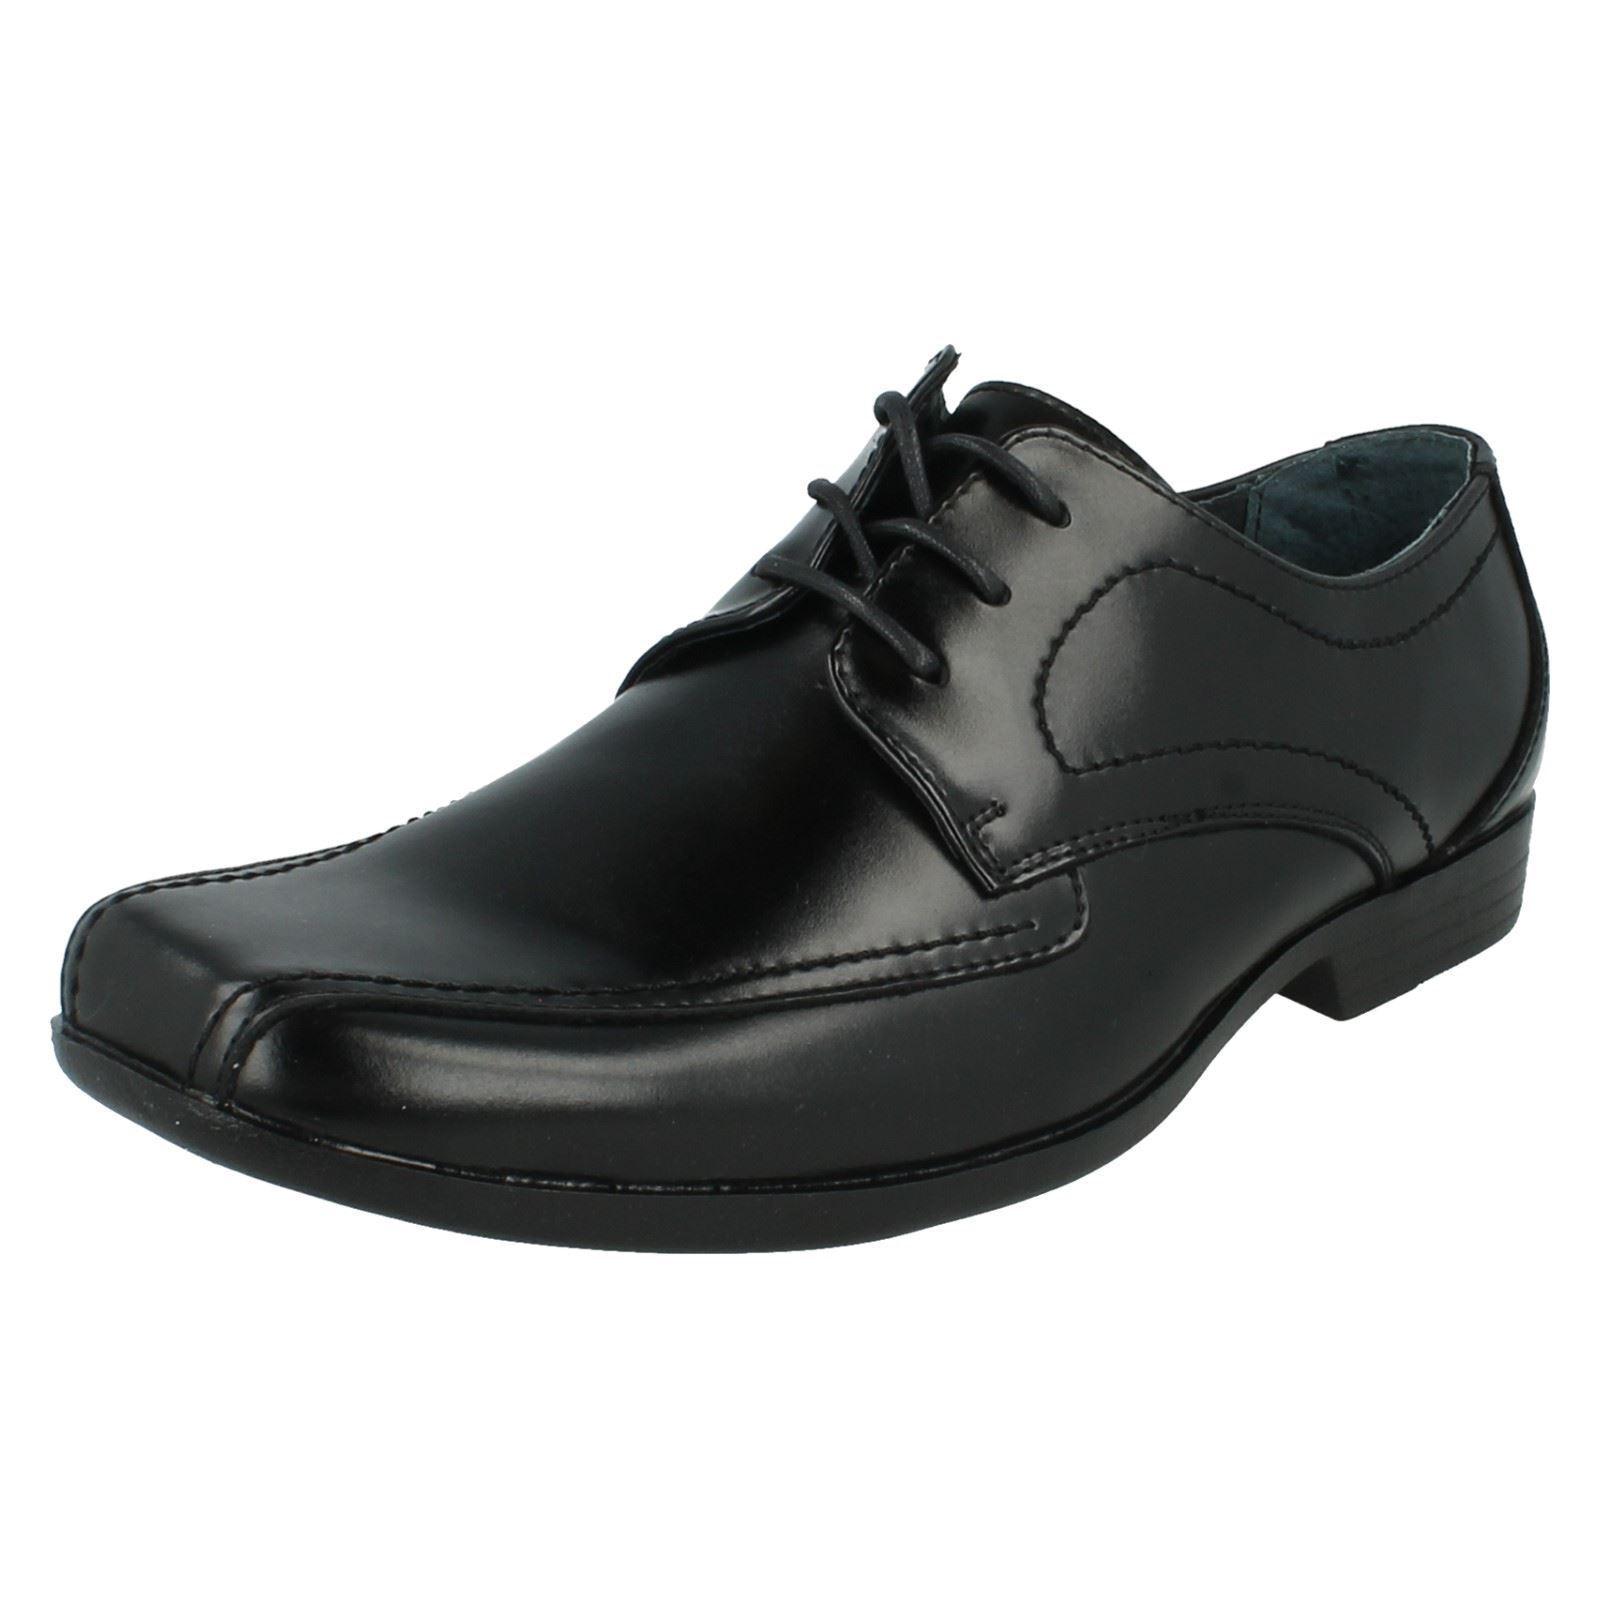 Hombre Easton RALSTON Un Negro Zapato de Hush cuero con cordones de Hush de Puppies 64d508